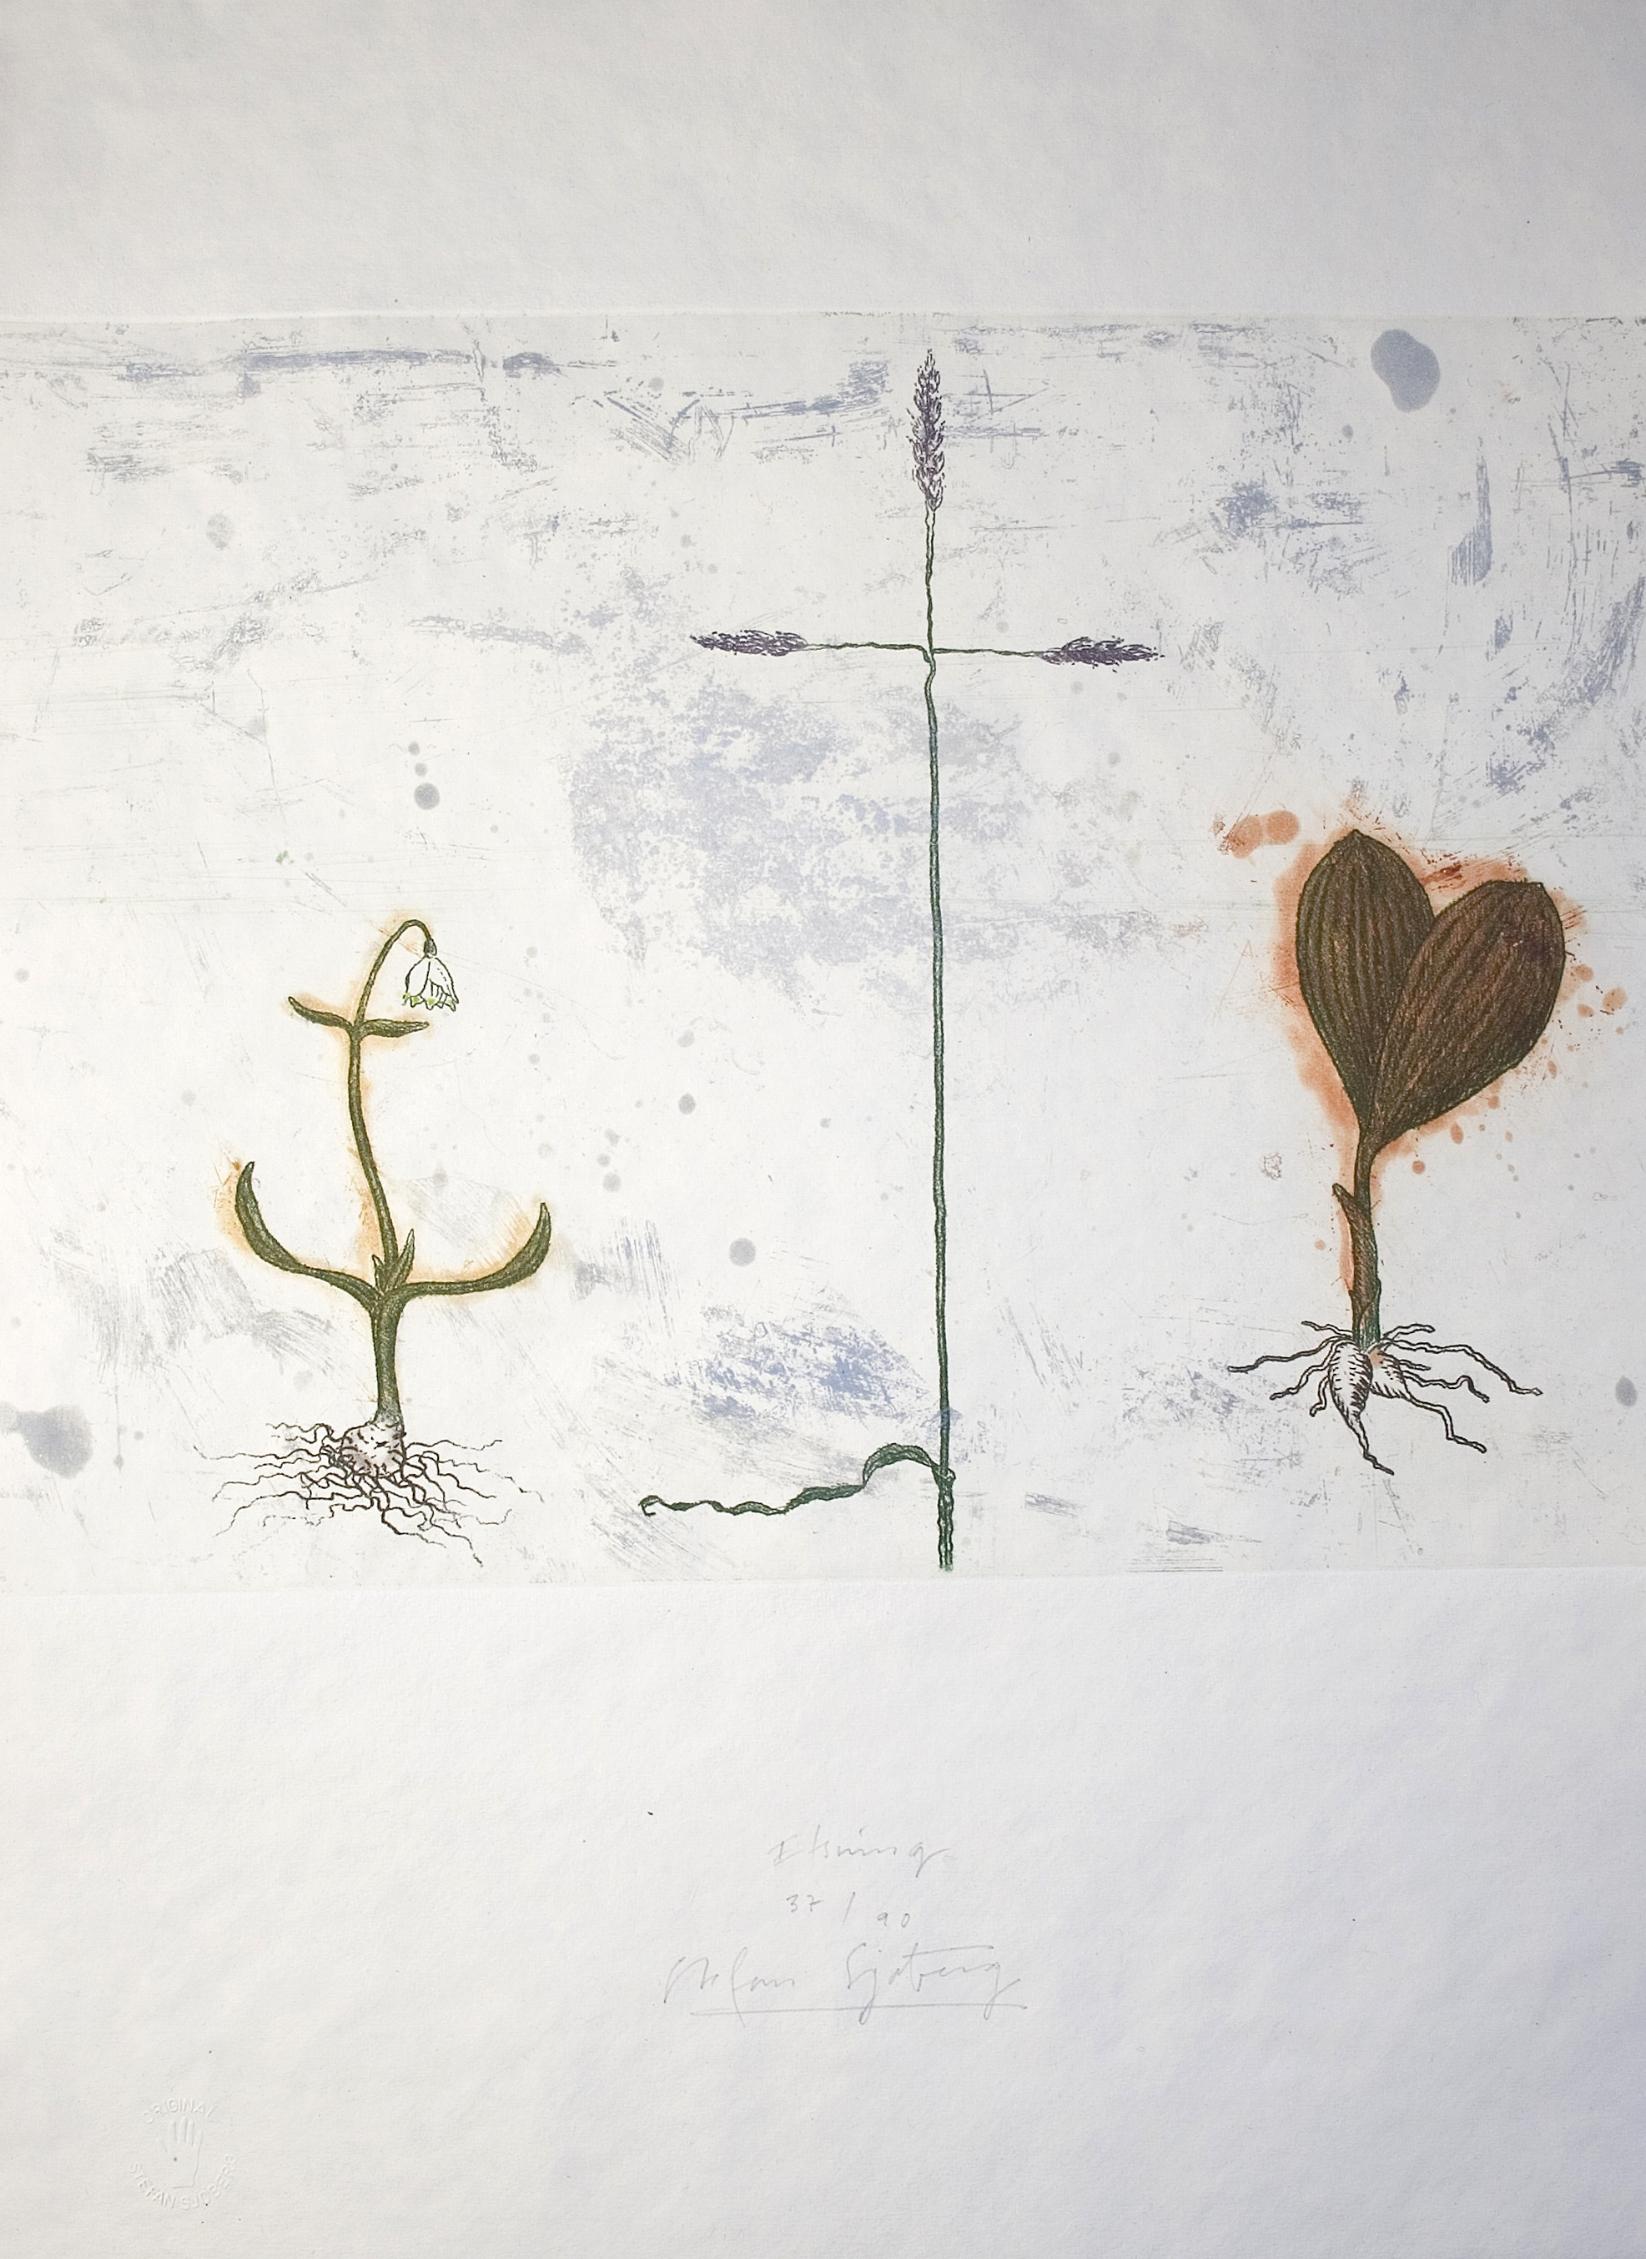 Tro-hopp-kärlek i naturen (2).jpg